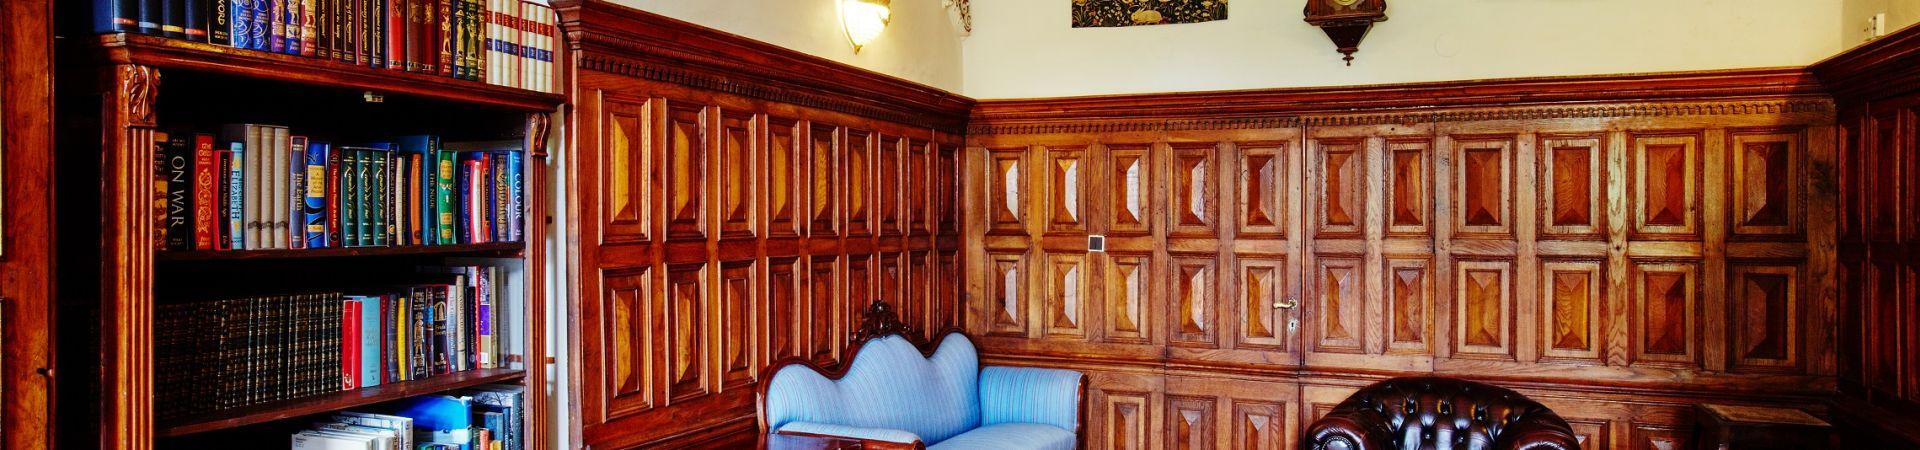 Chateau Hostačov - Knihovna